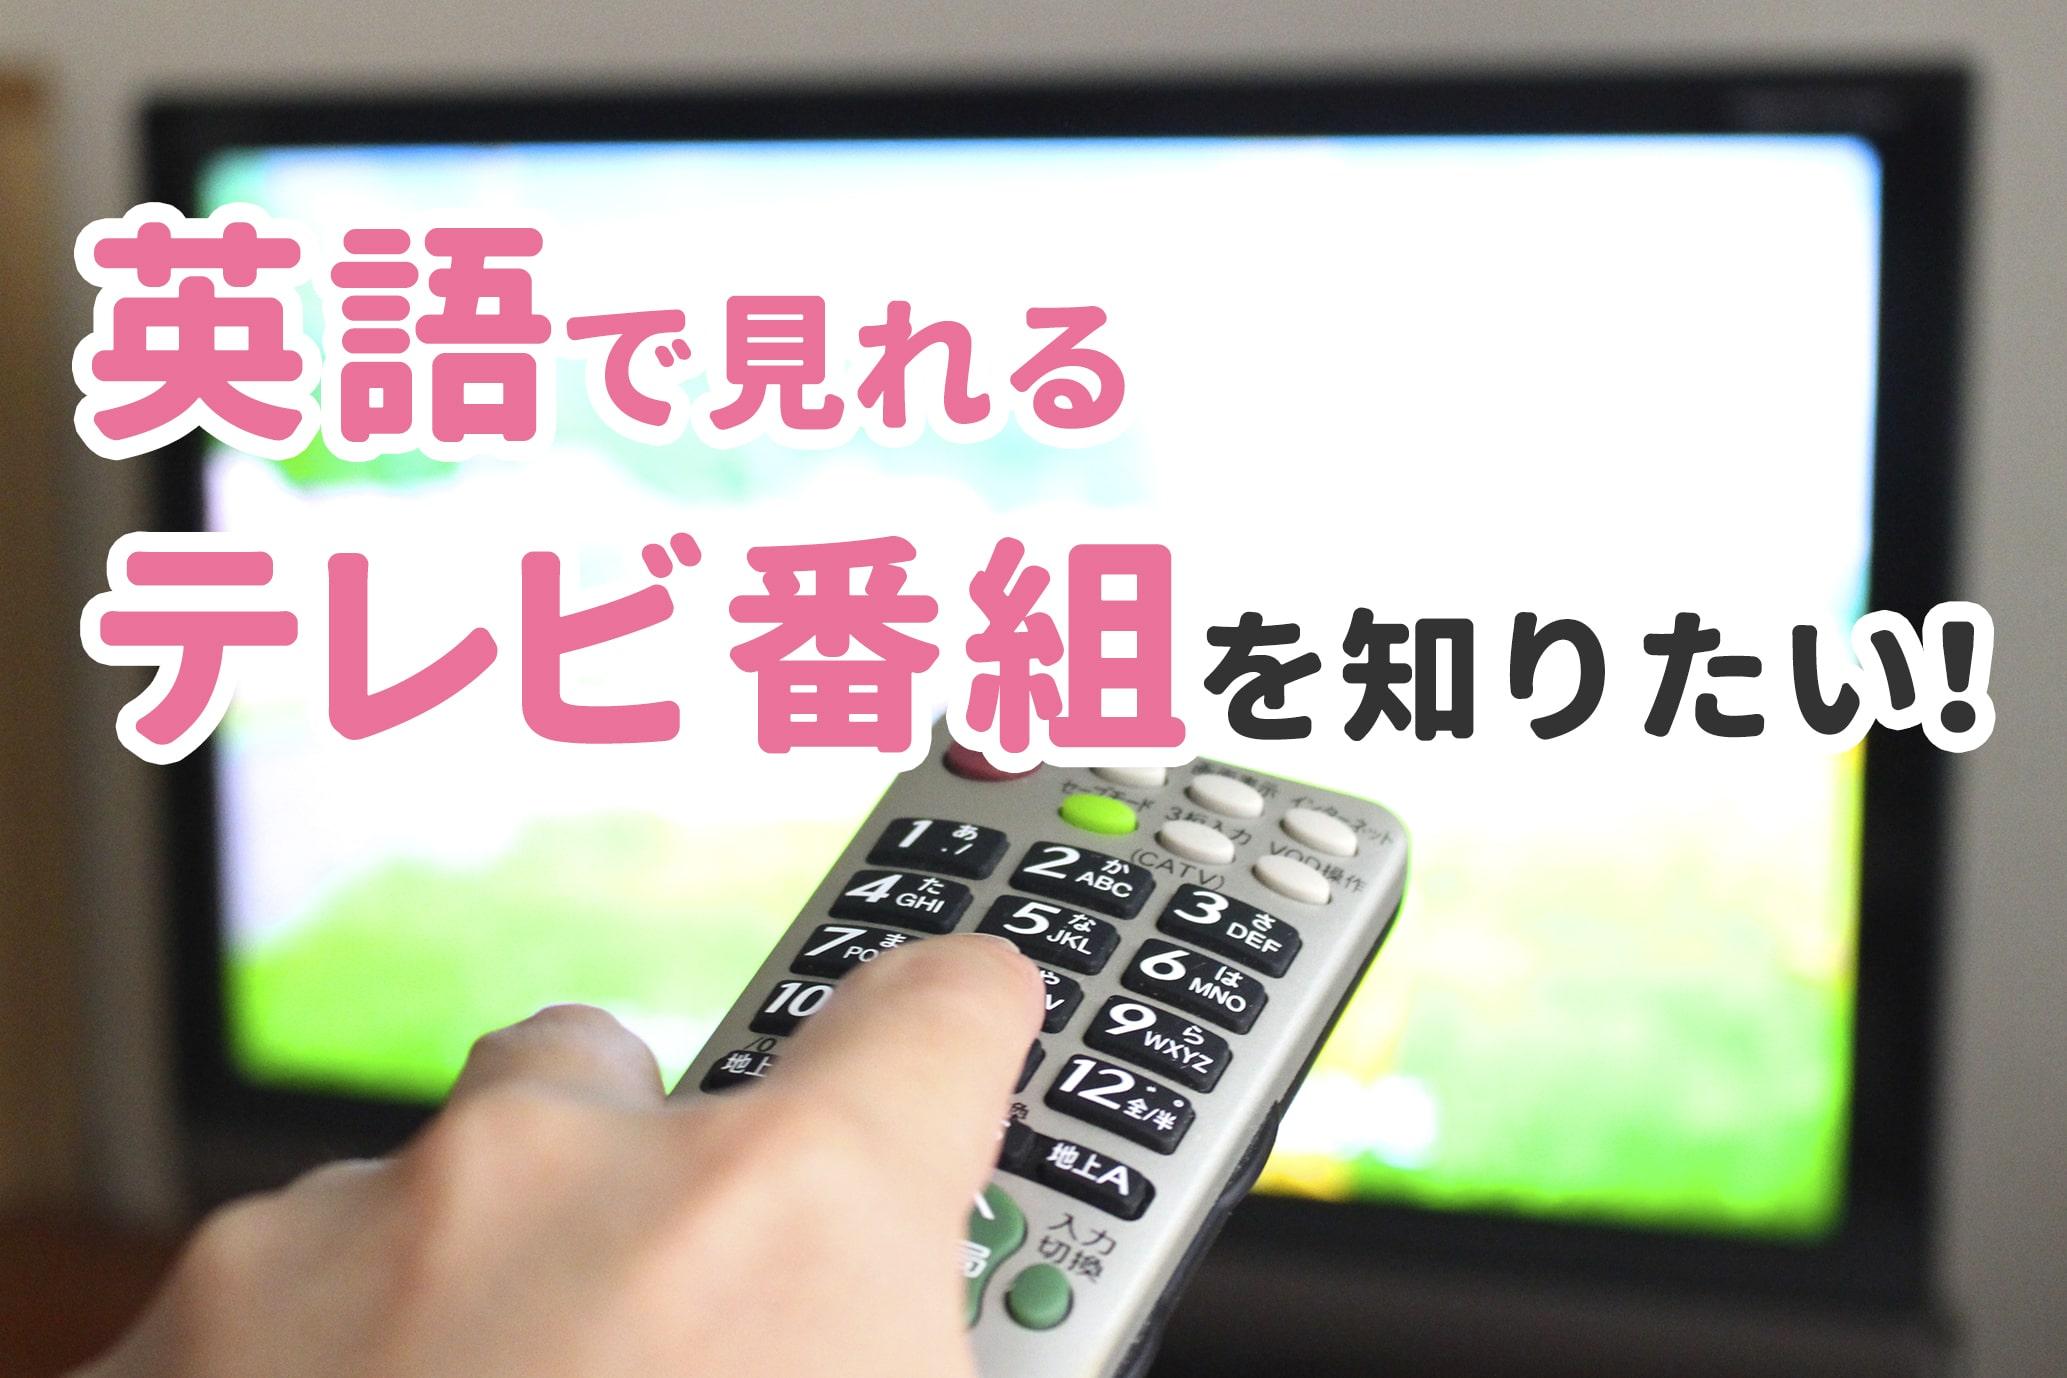 英語で見れるテレビ番組を知りたい!